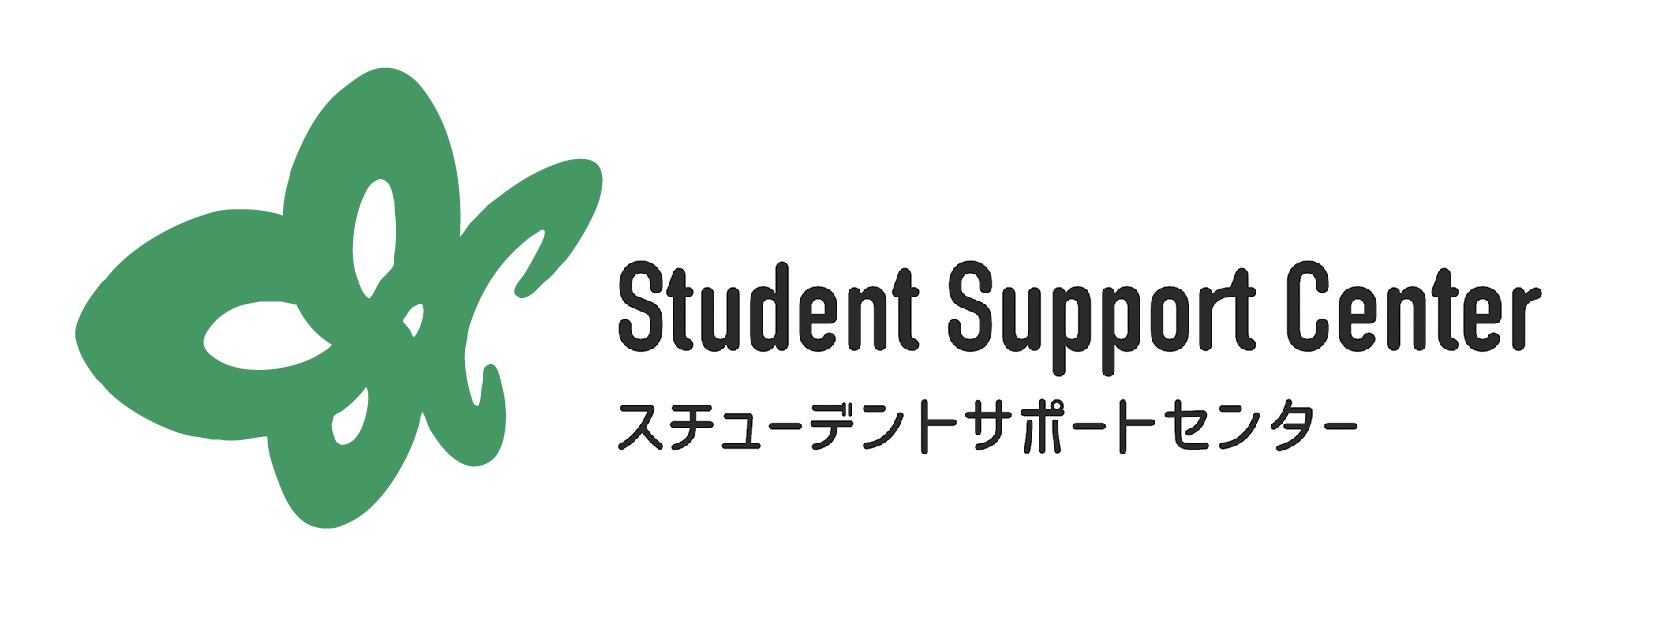 筑波大学スチューデントサポートセンター